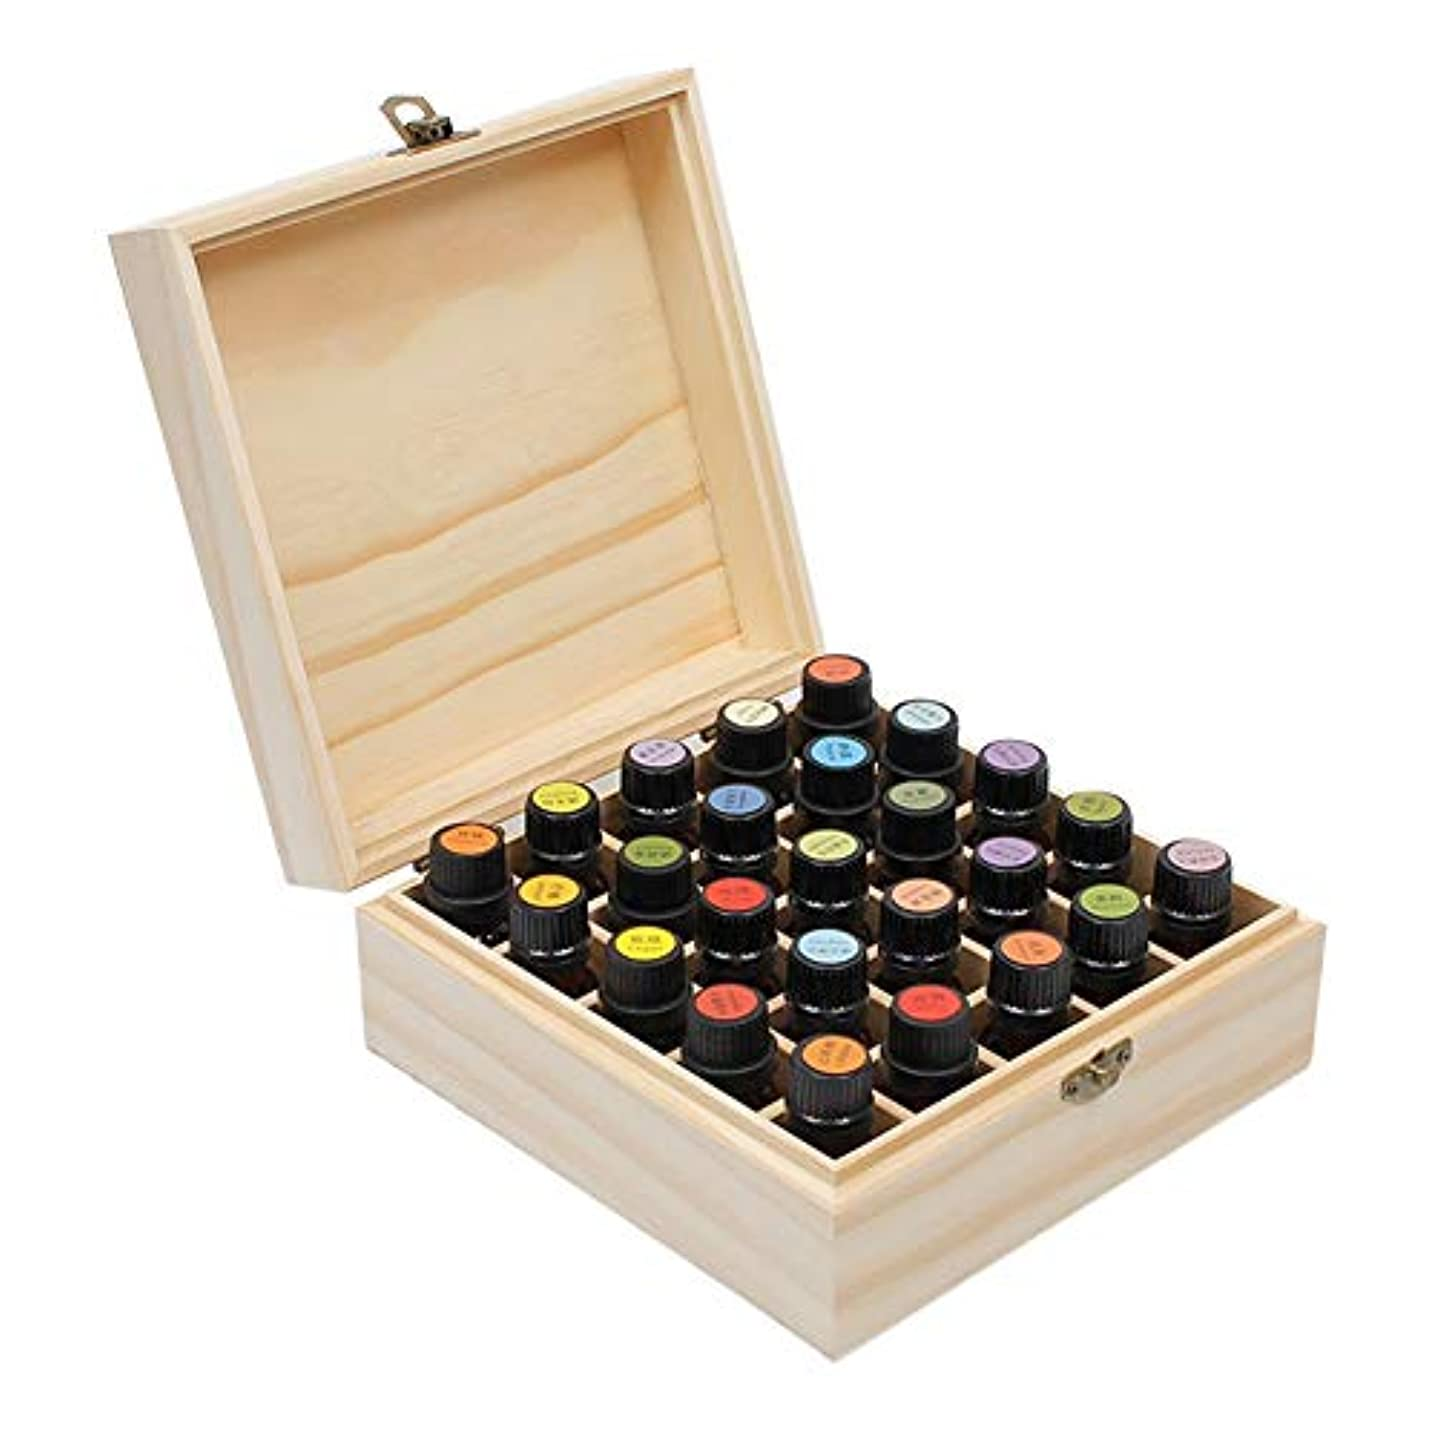 エッセンシャルオイル収納ボックス 25本用 木製エッセンシャルオイルボックス メイクポーチ 精油収納ケース 携帯用 自然ウッド精油収納ボックス 香水収納ケース